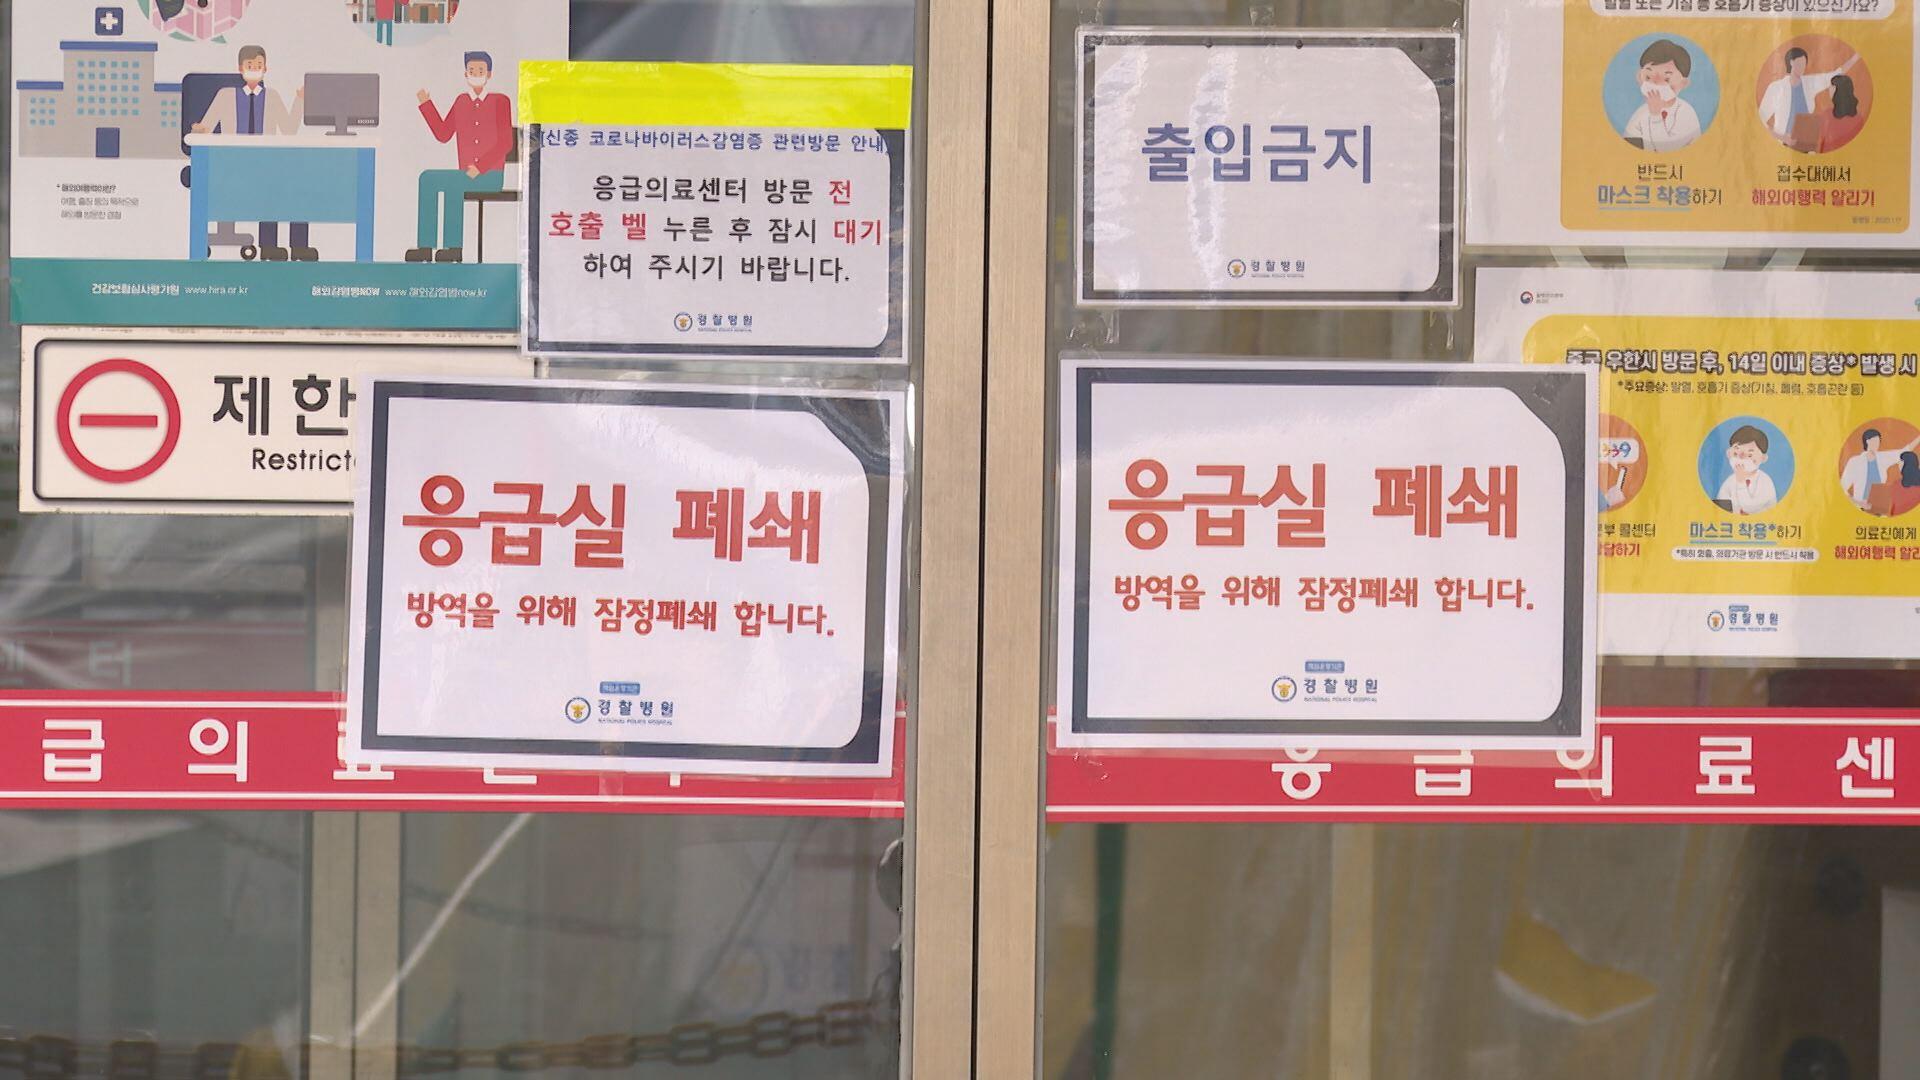 서울 코로나19 확진자 총 37명…명성교회·경찰병원서도 확진 나와